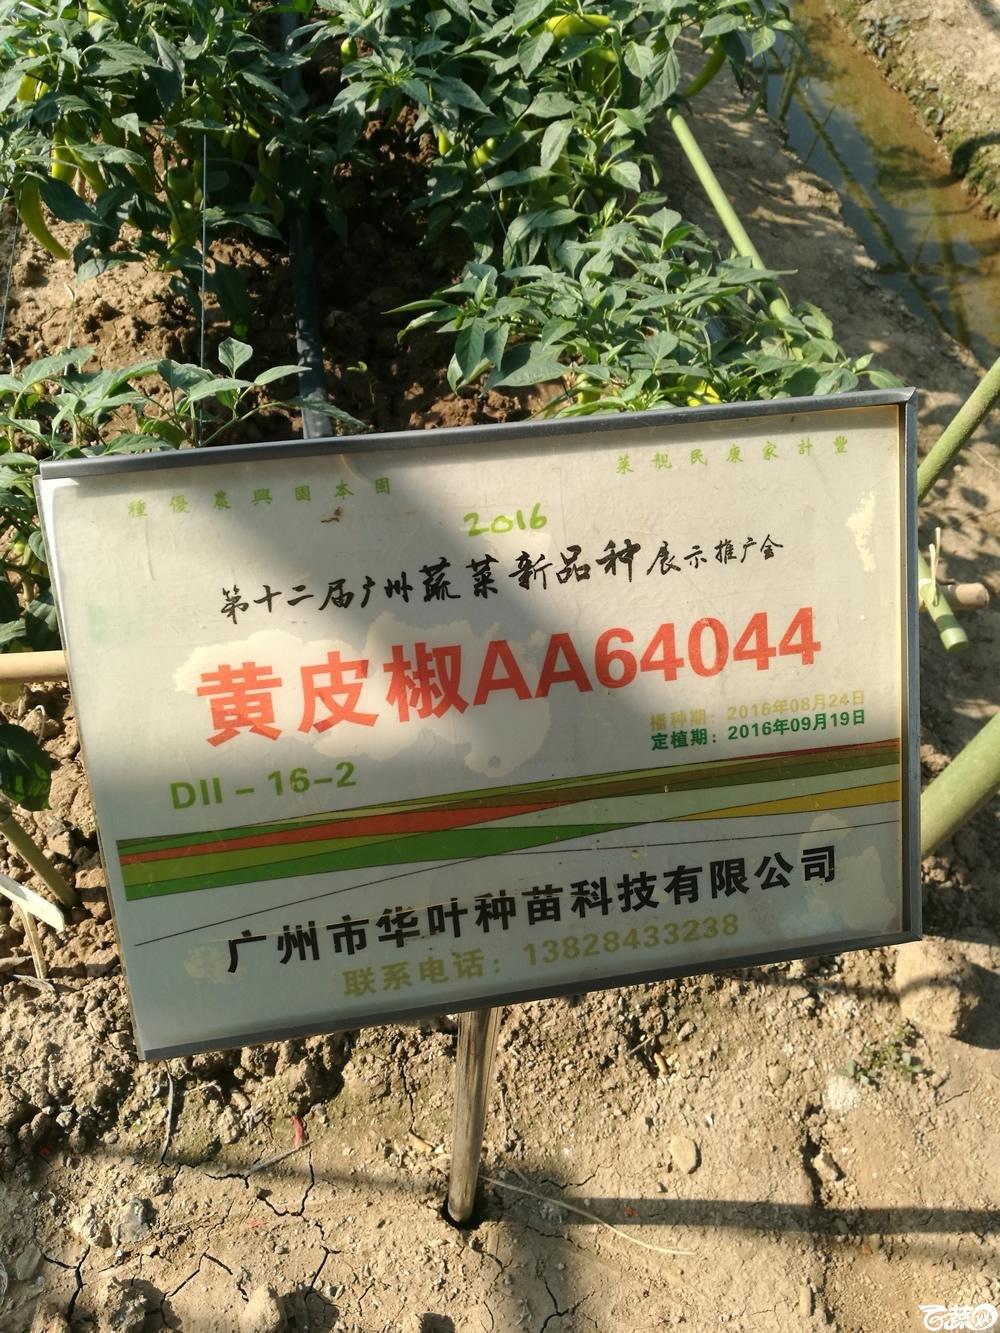 2016年12届广州蔬菜新品种展示会,广州华叶种苗黄皮椒AA64044_001.jpg